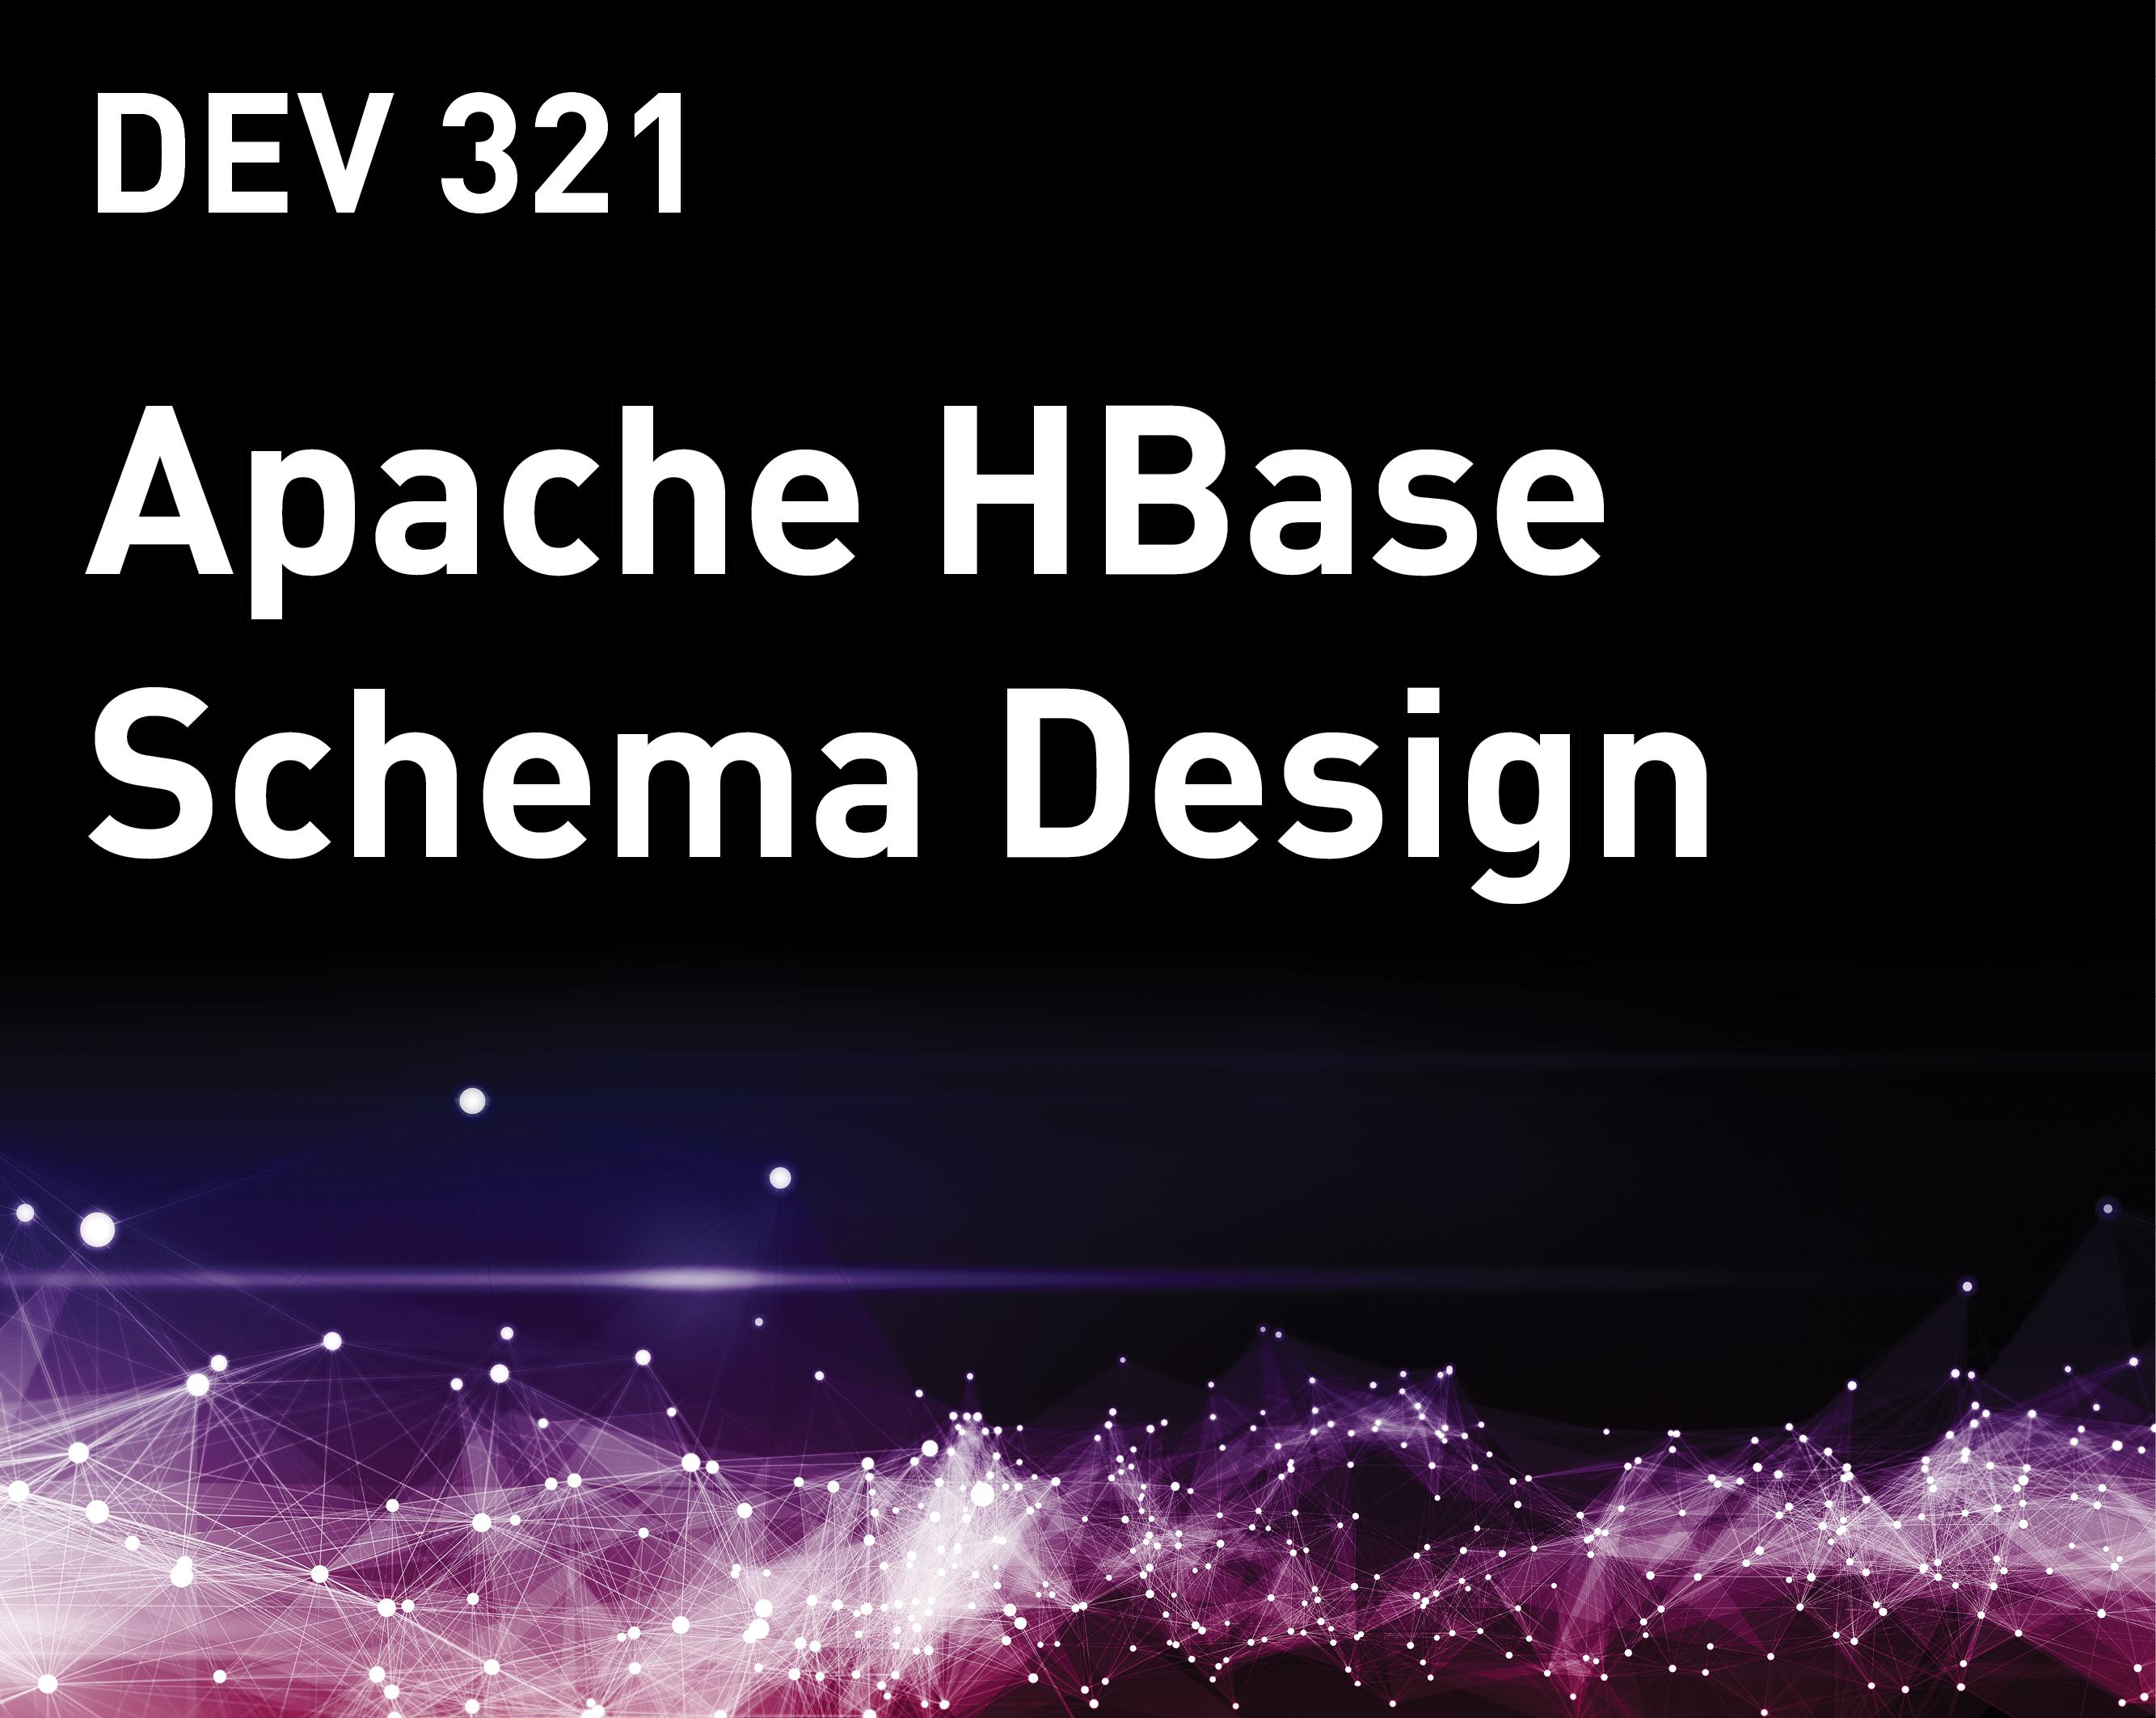 Apache HBase Schema Design